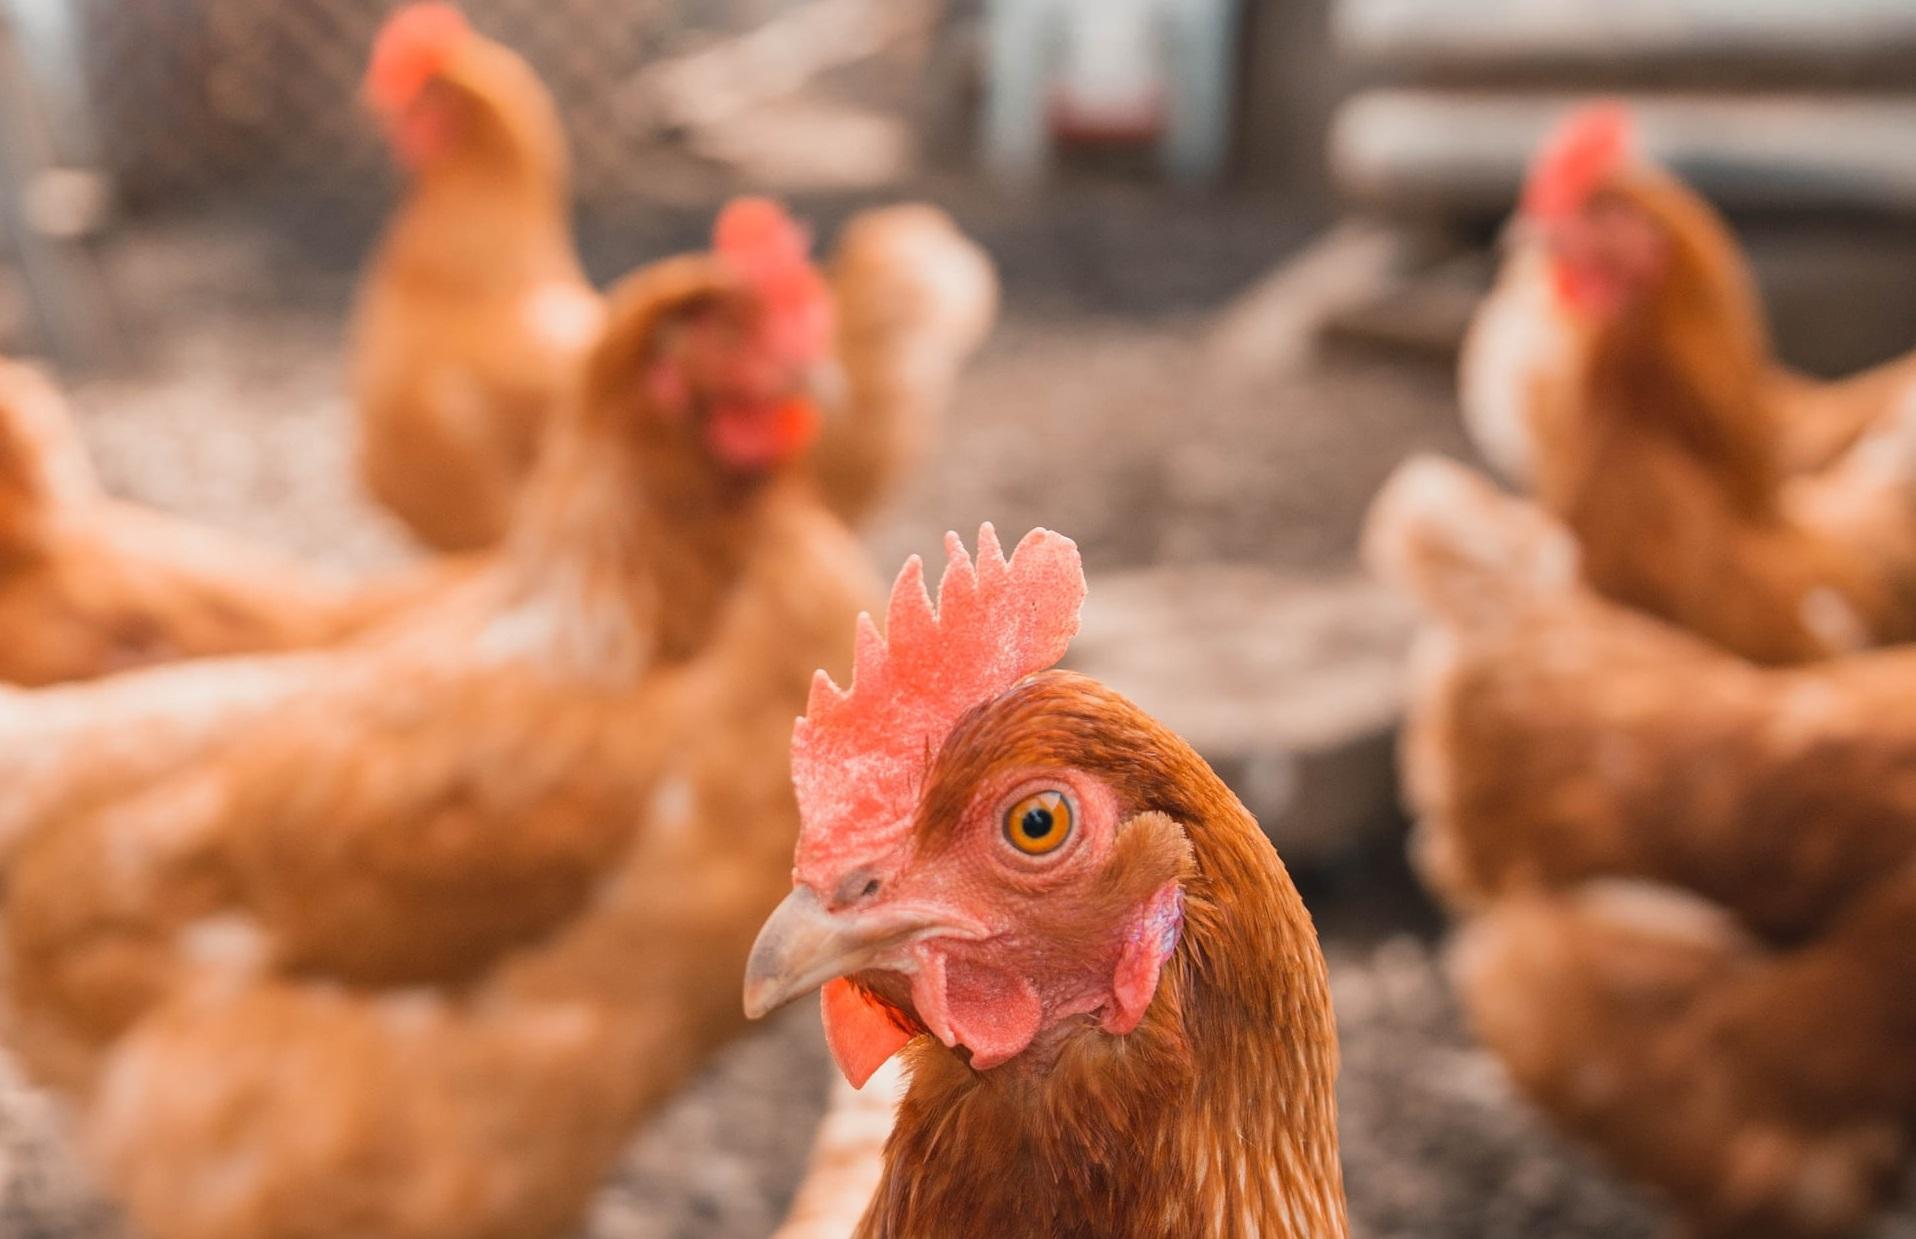 Franța impune izolare și pentru păsările de curte. Găinile nu au voie să iasă din coteț, din cauza gripei aviare